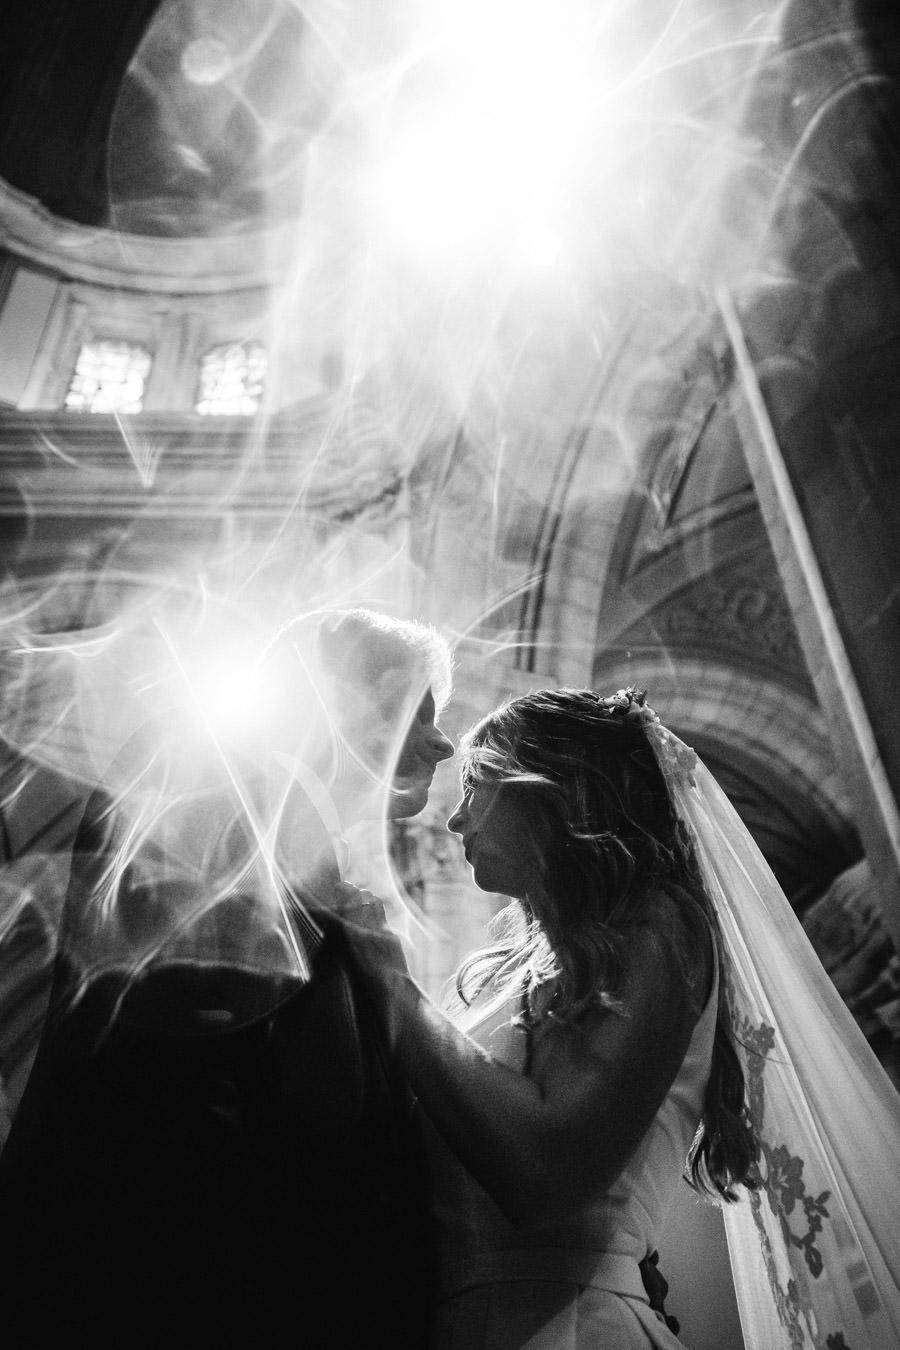 fotografia de casamento Sameiro Braga retrato dos noivos flare